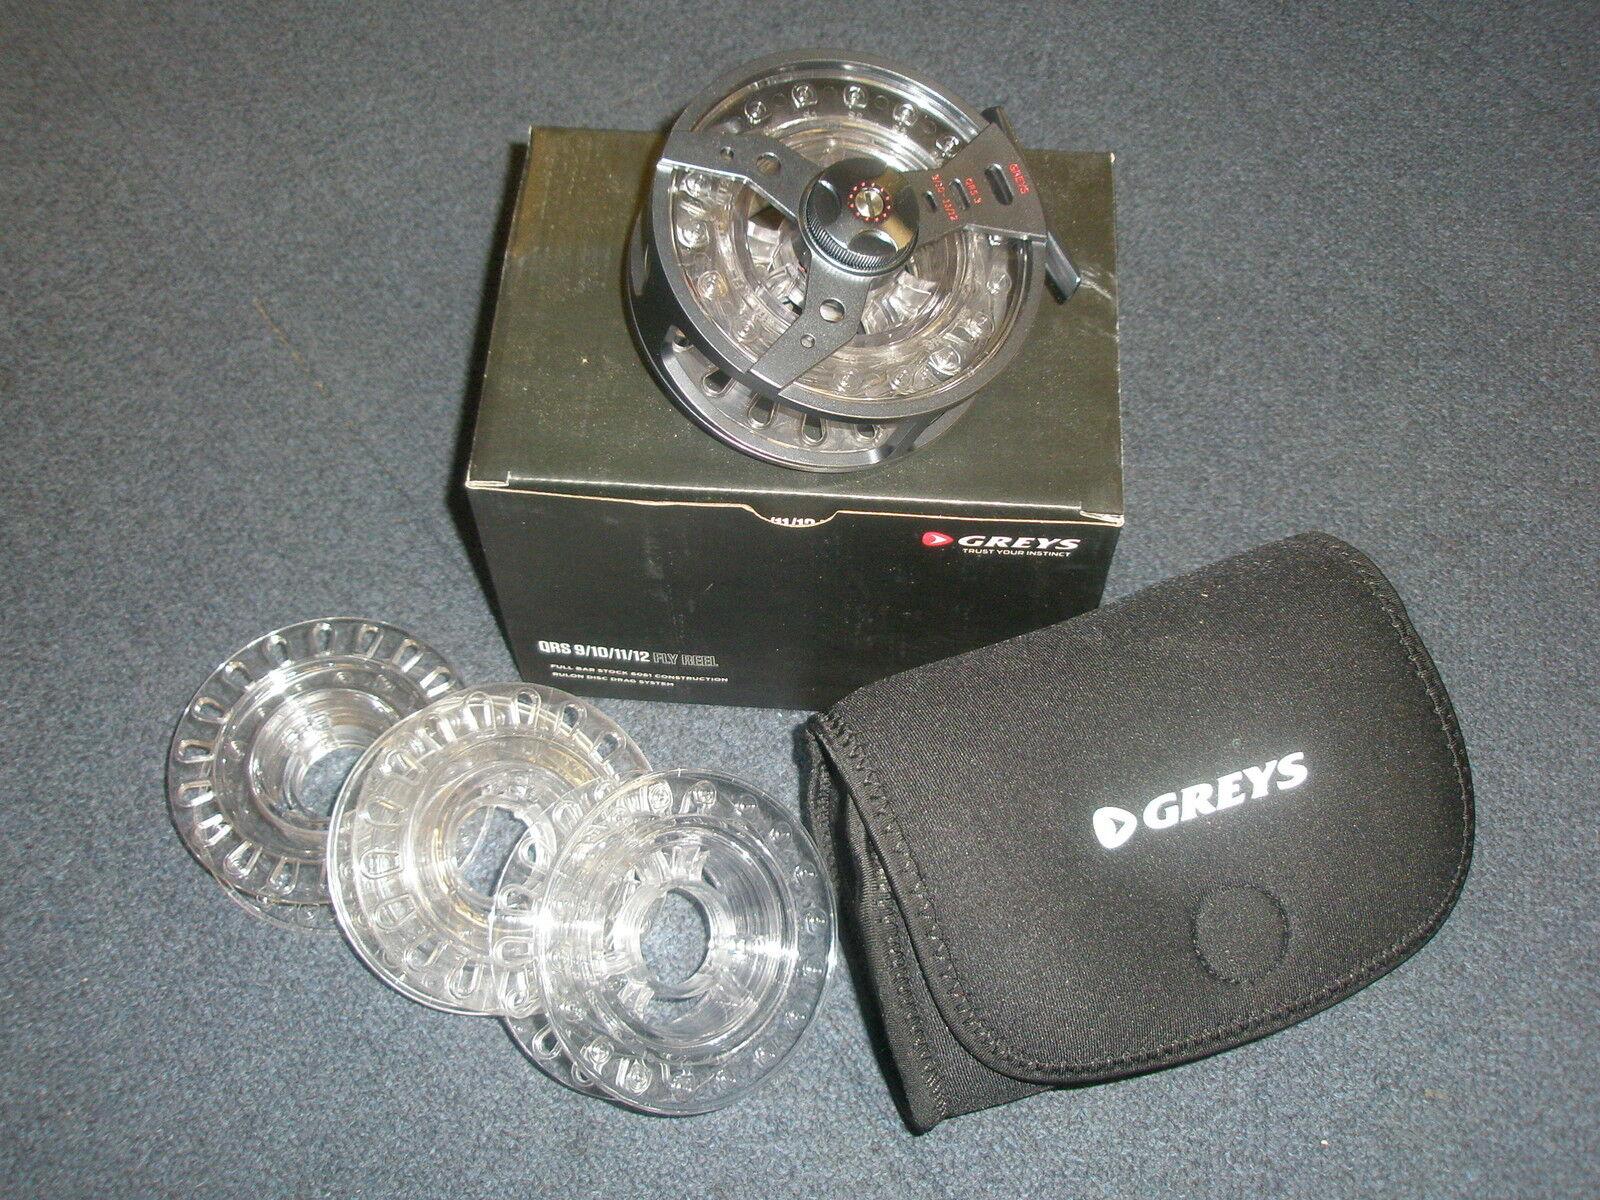 griss QRS 9 10 - 11 12 Reel Inc. 4 Carretes + Bolsa De Neopreno aparejos de pesca